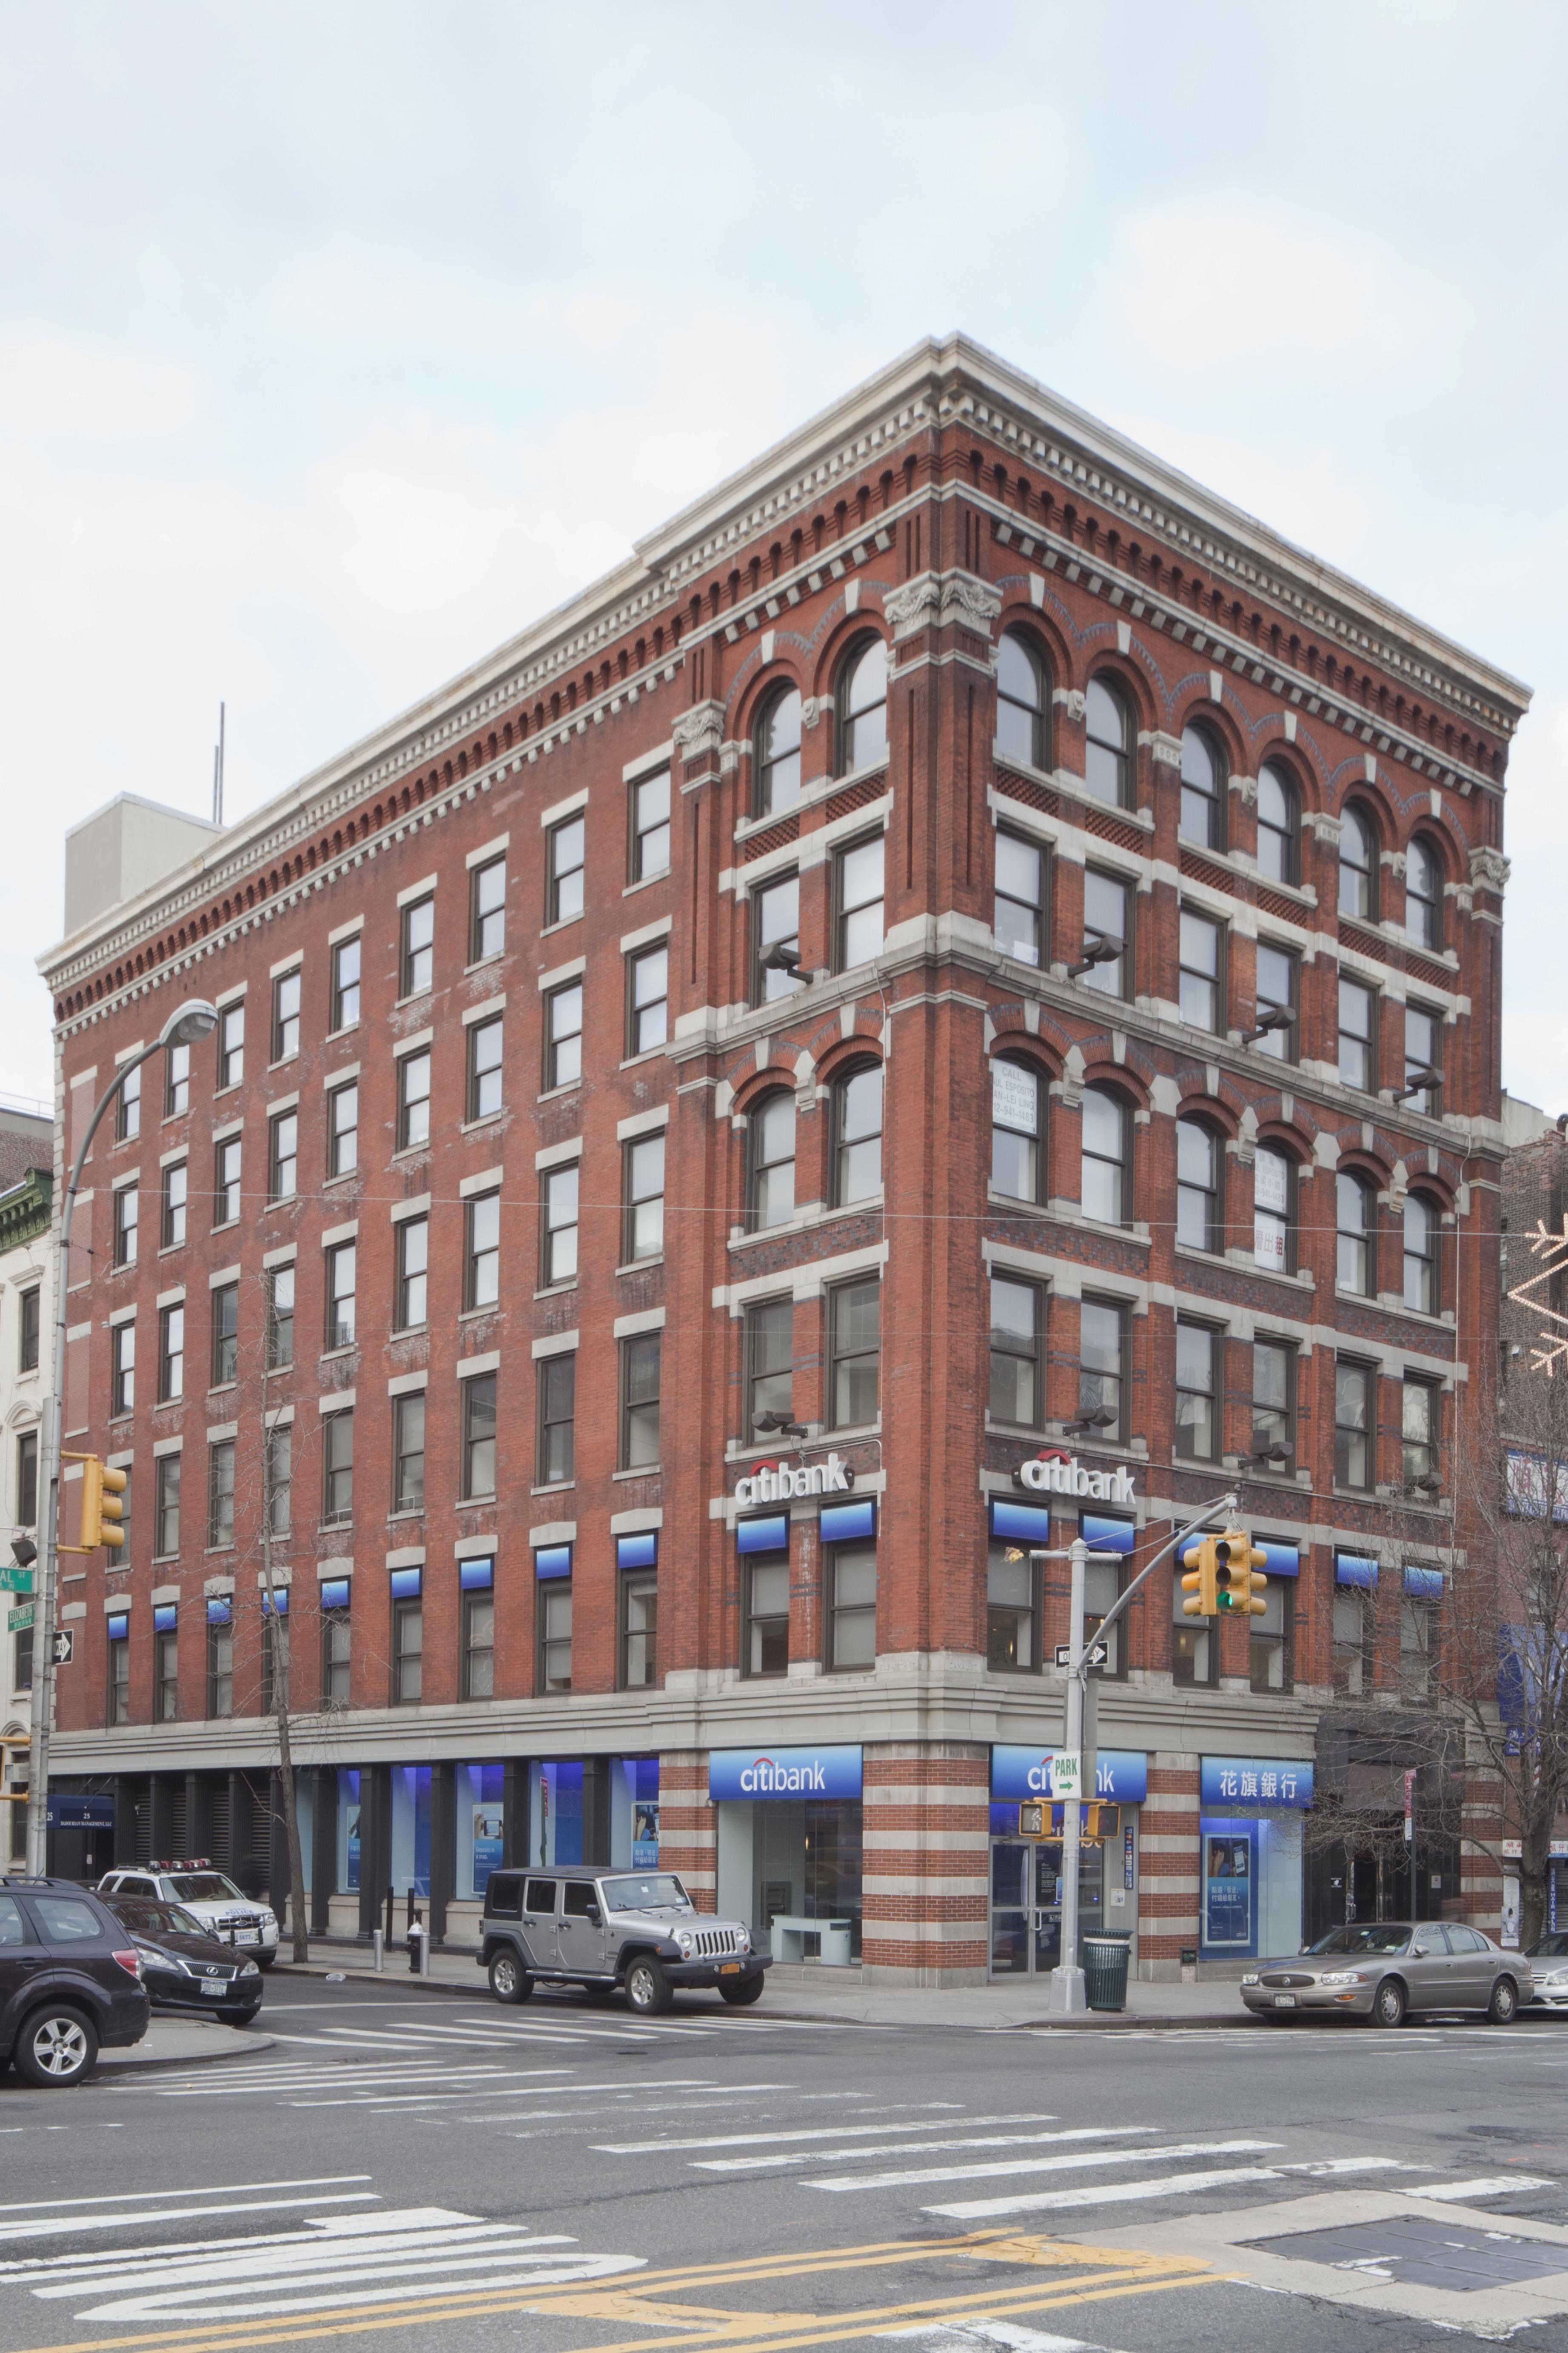 168 canal street new york ny 10013